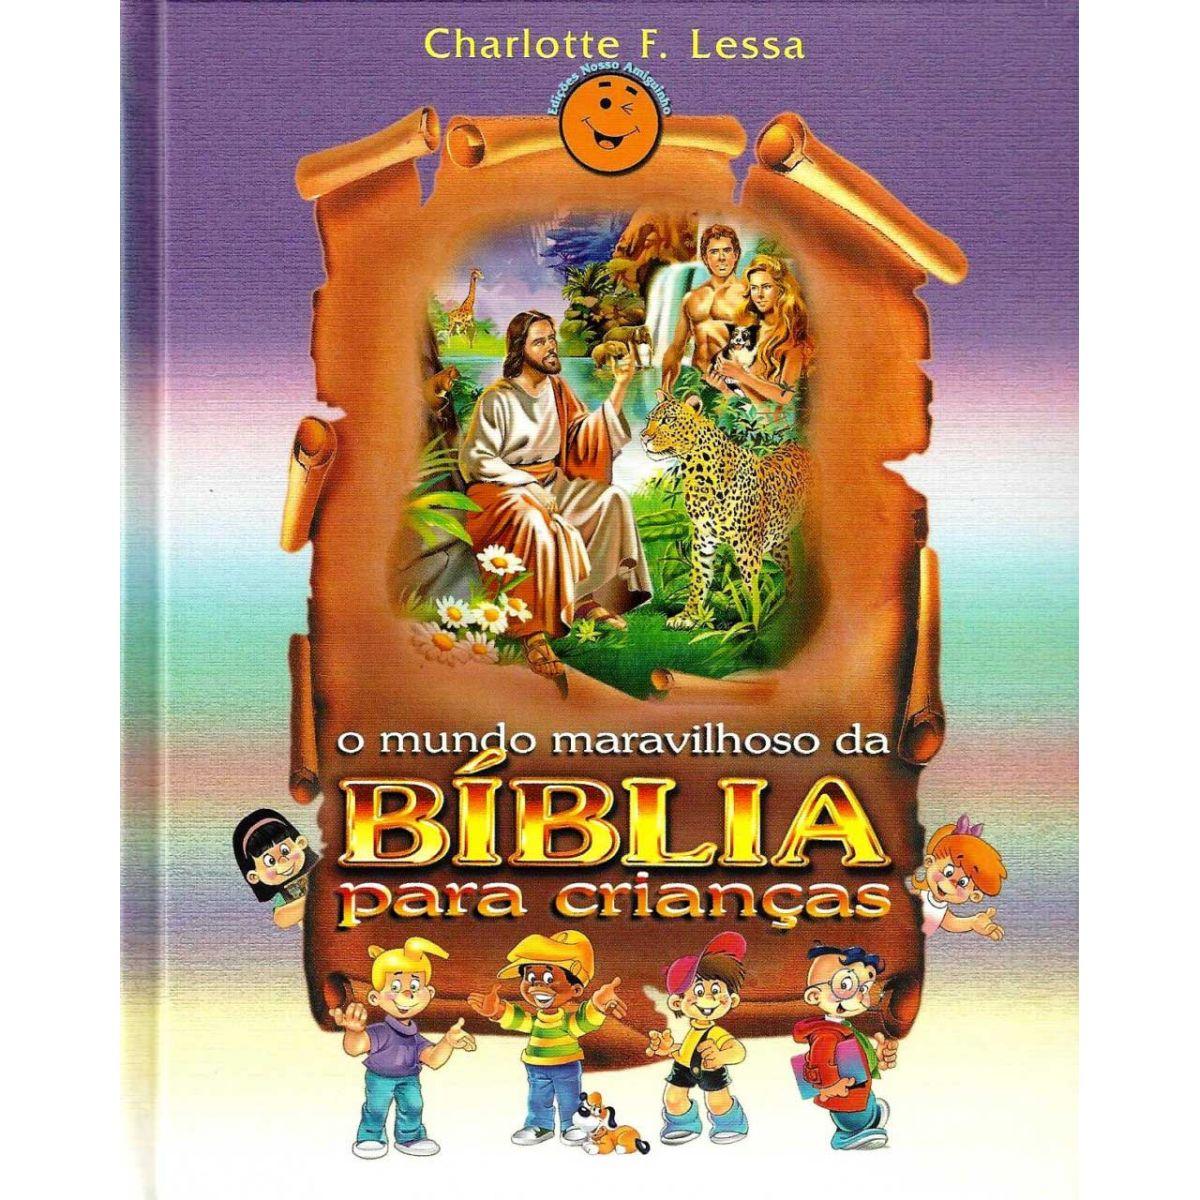 O Mundo Maravilhoso da Bíblia para Crianças